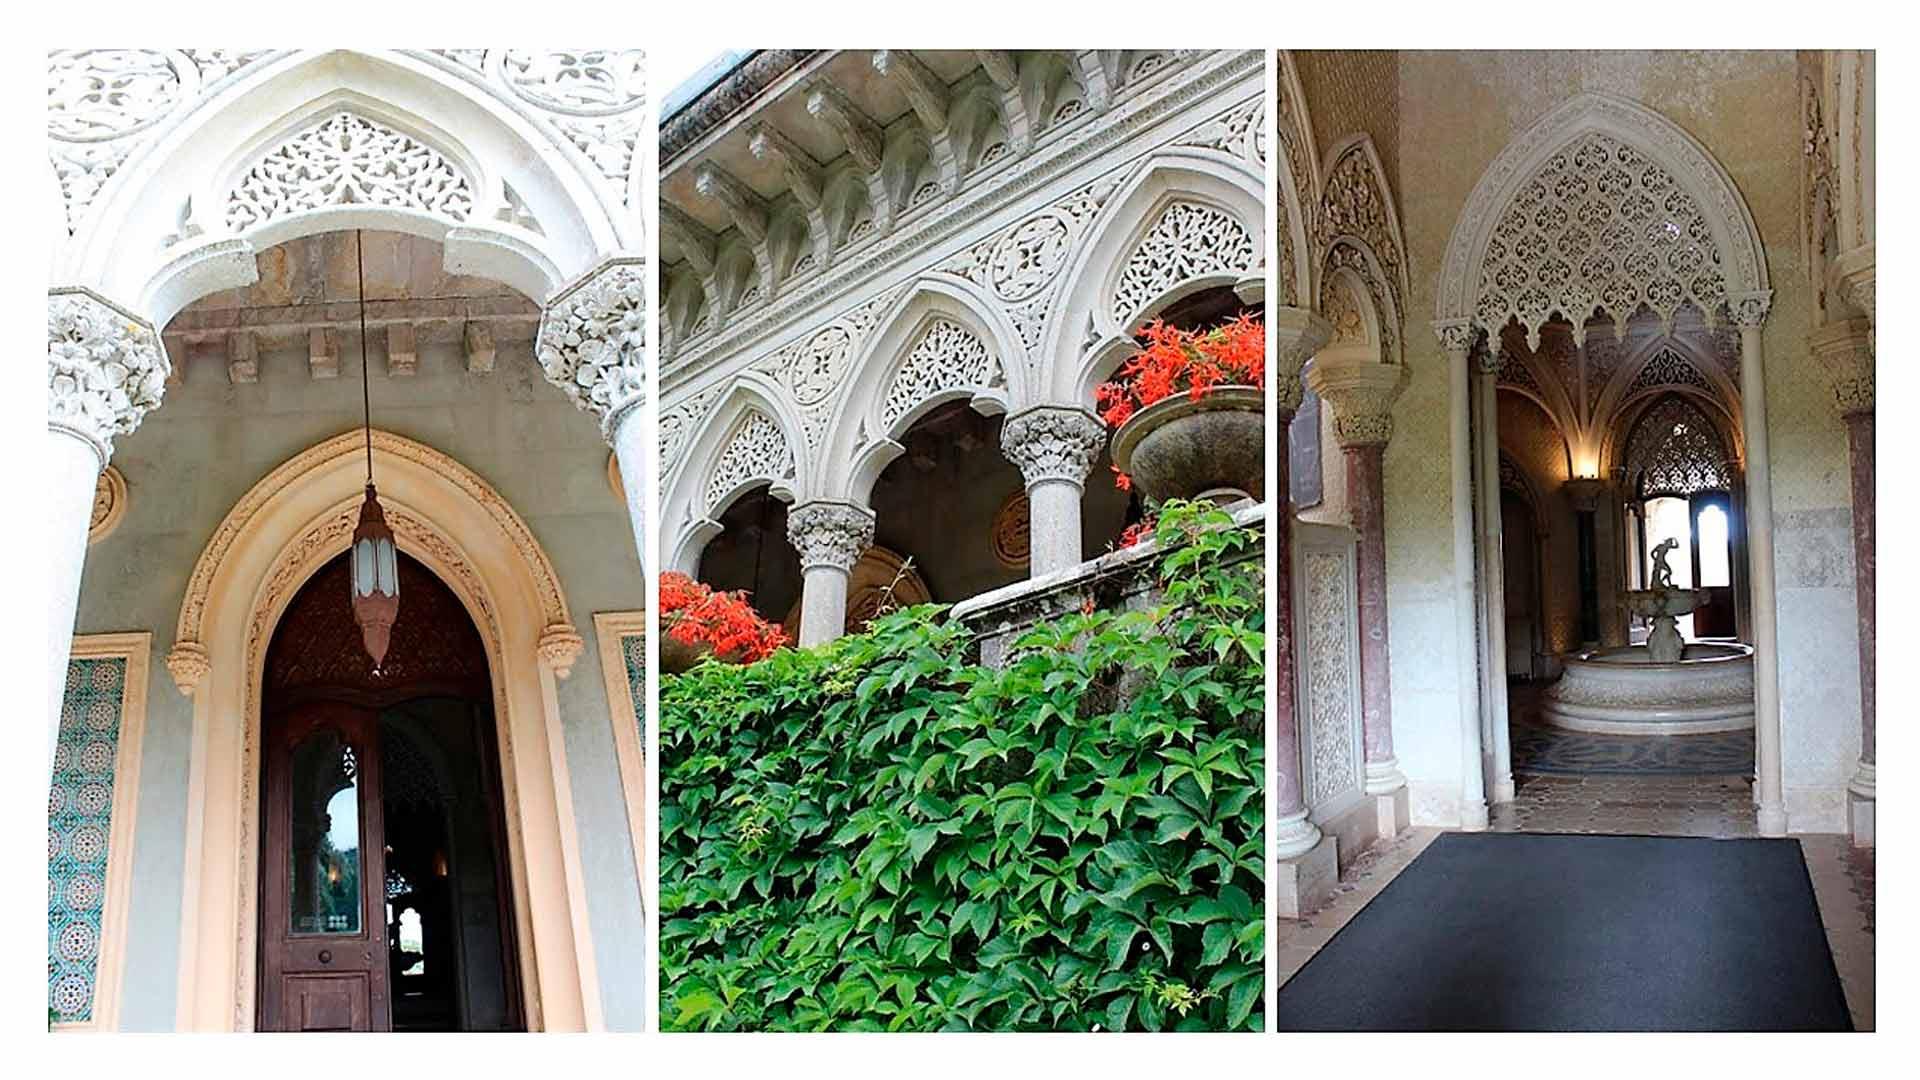 Detalhes da arquitetura do Palácio de Monserrate